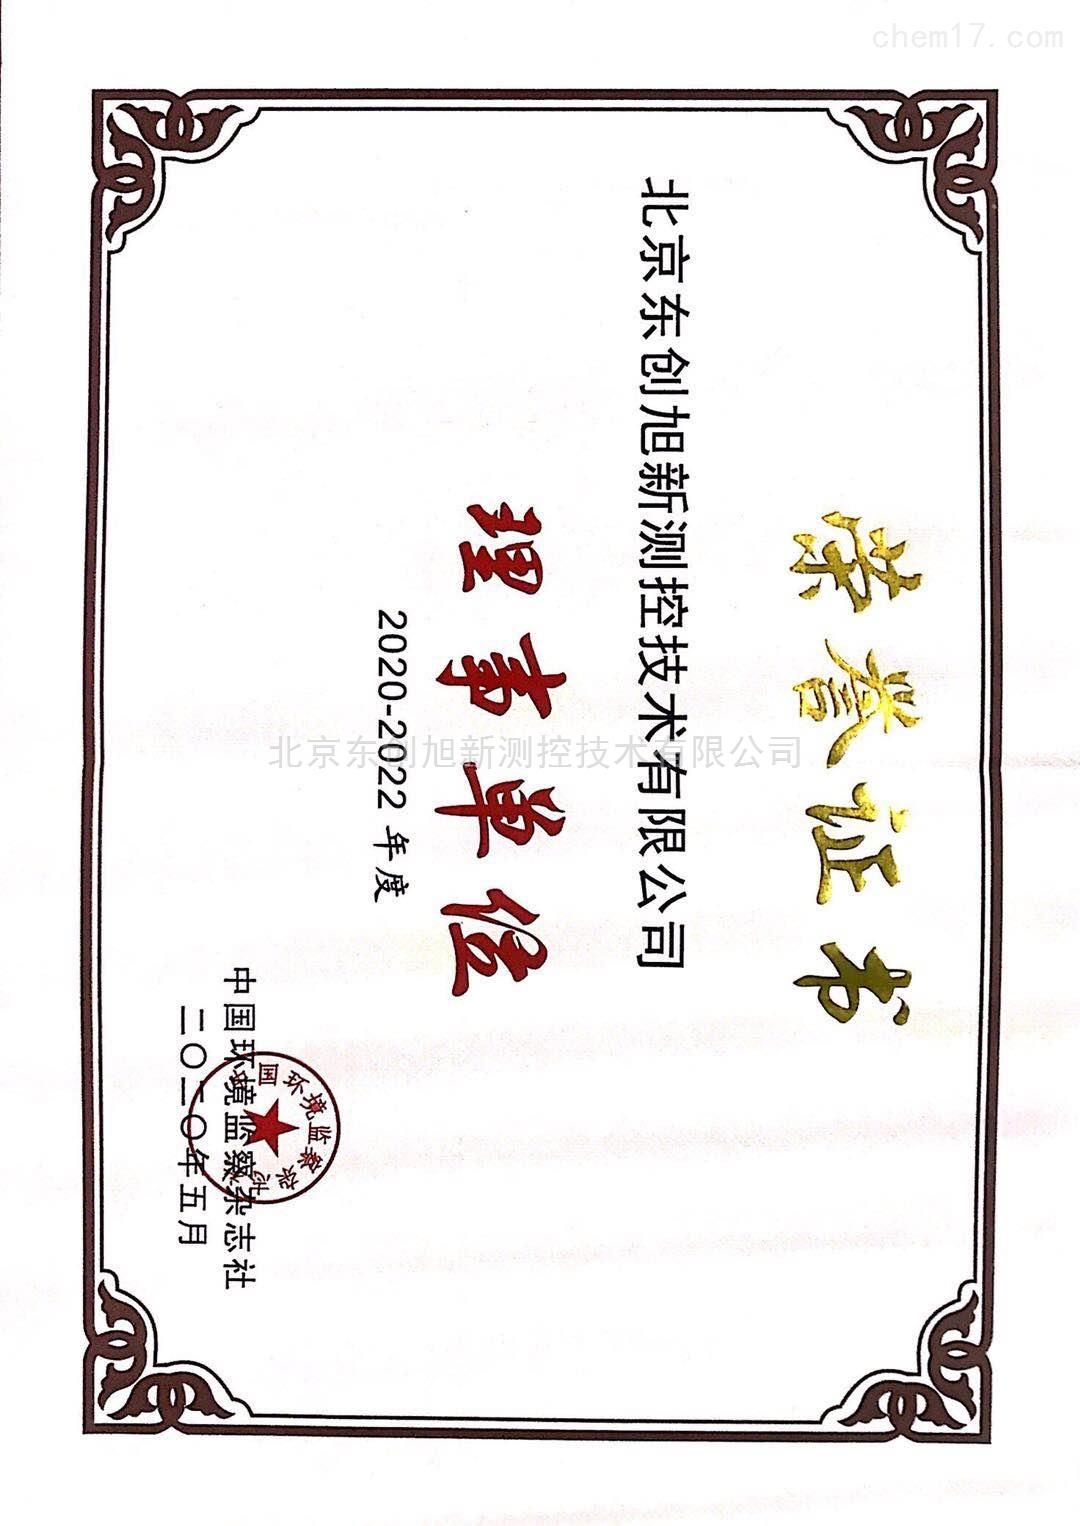 北京东创旭新测控技术有限公司理事单位